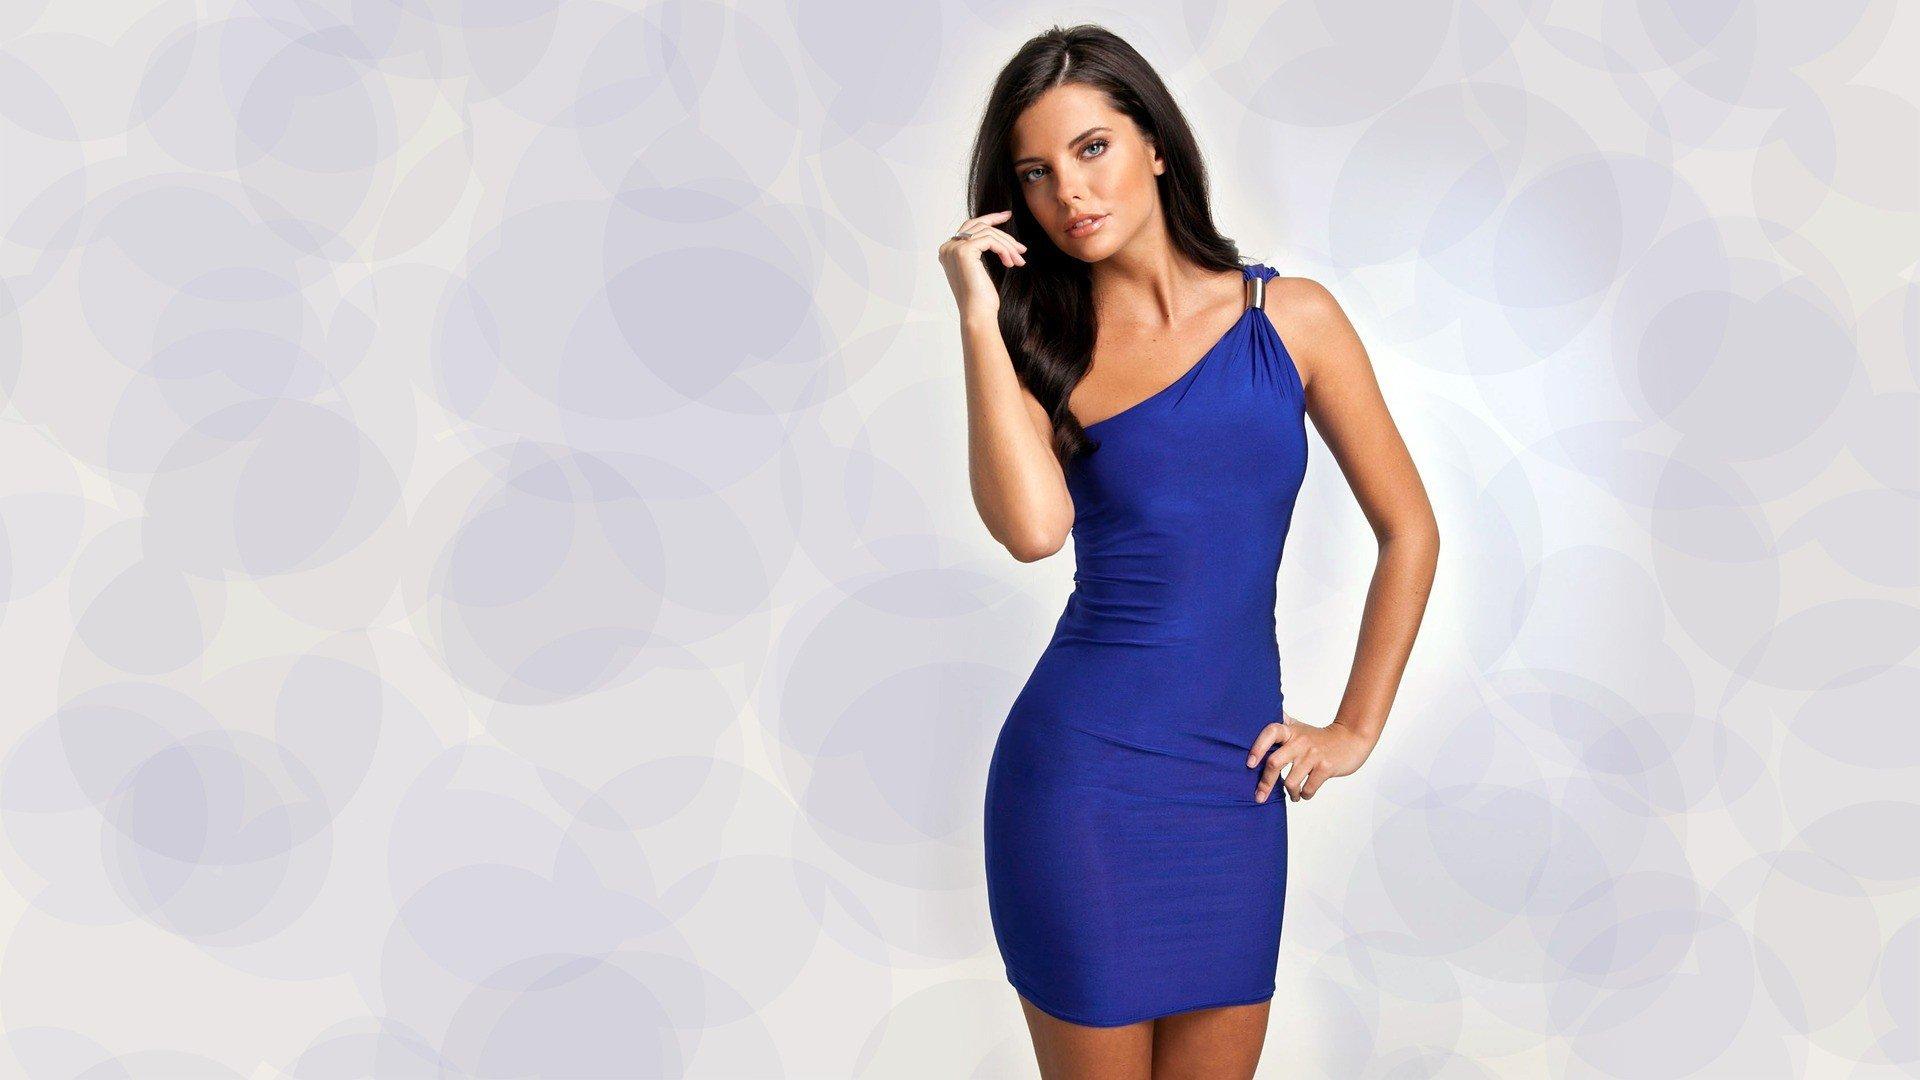 девушка синее платье блондинка girl blue dress blonde  № 3921503 загрузить